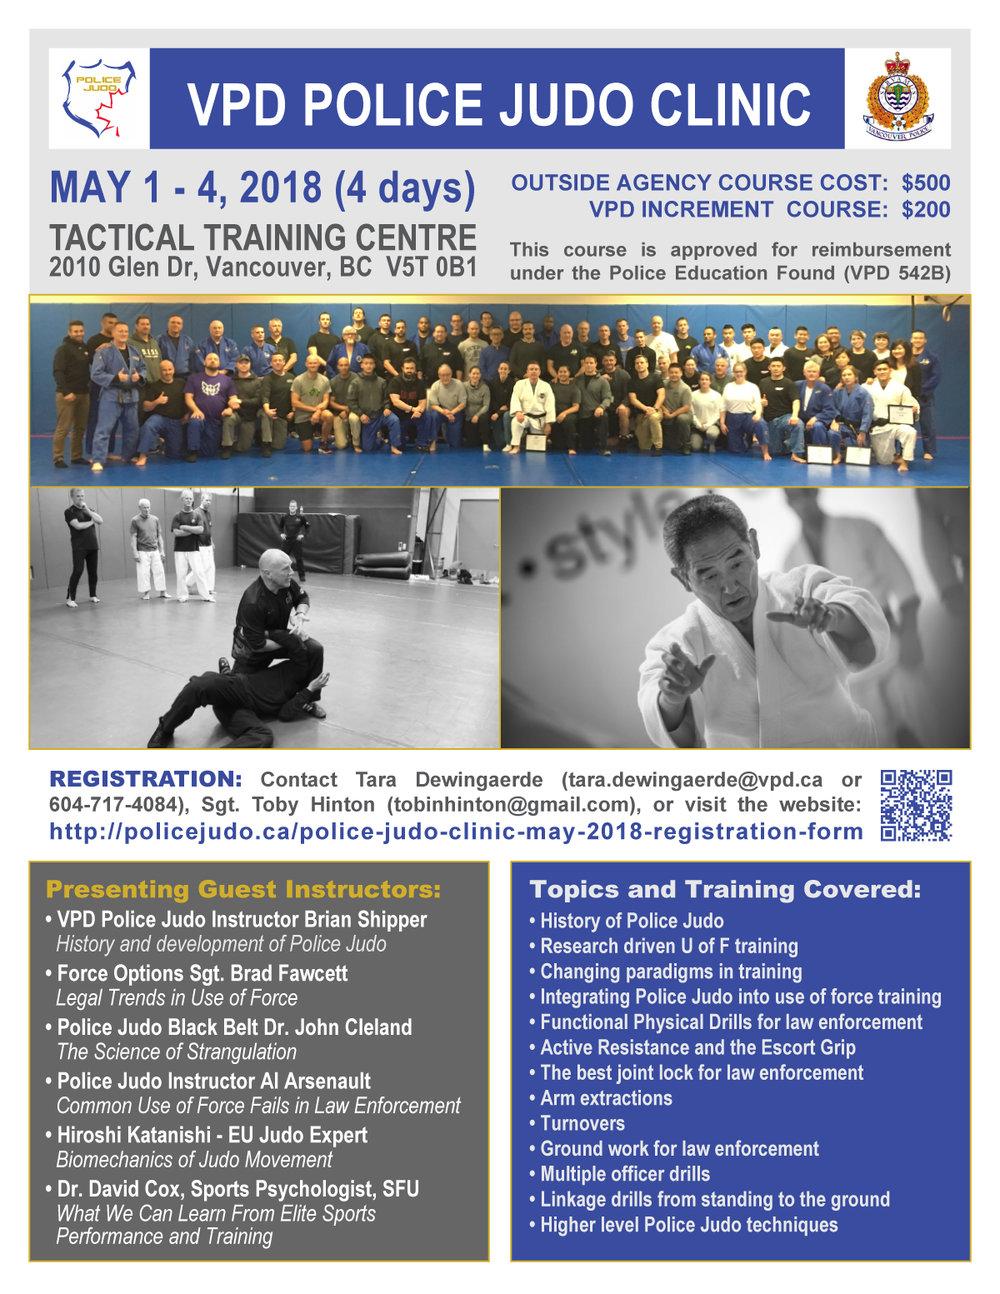 Police-Judo-Clinic-May-2018.jpg